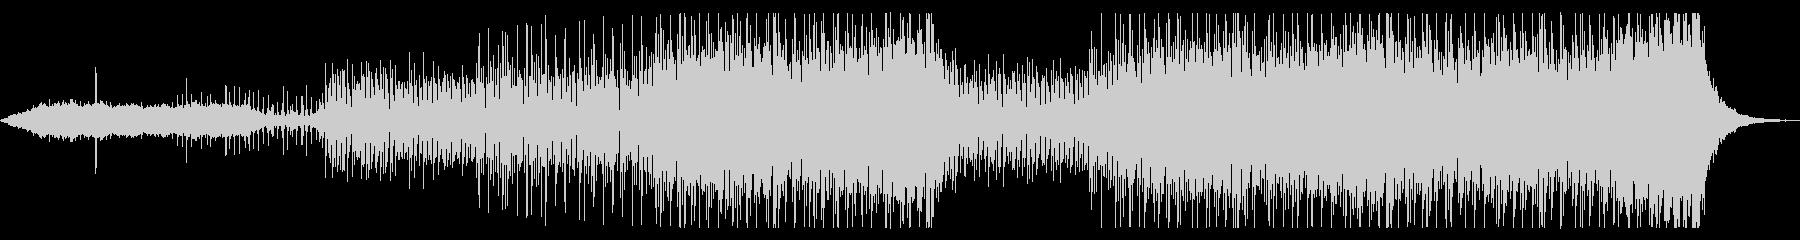 VoiceOfNatureの未再生の波形